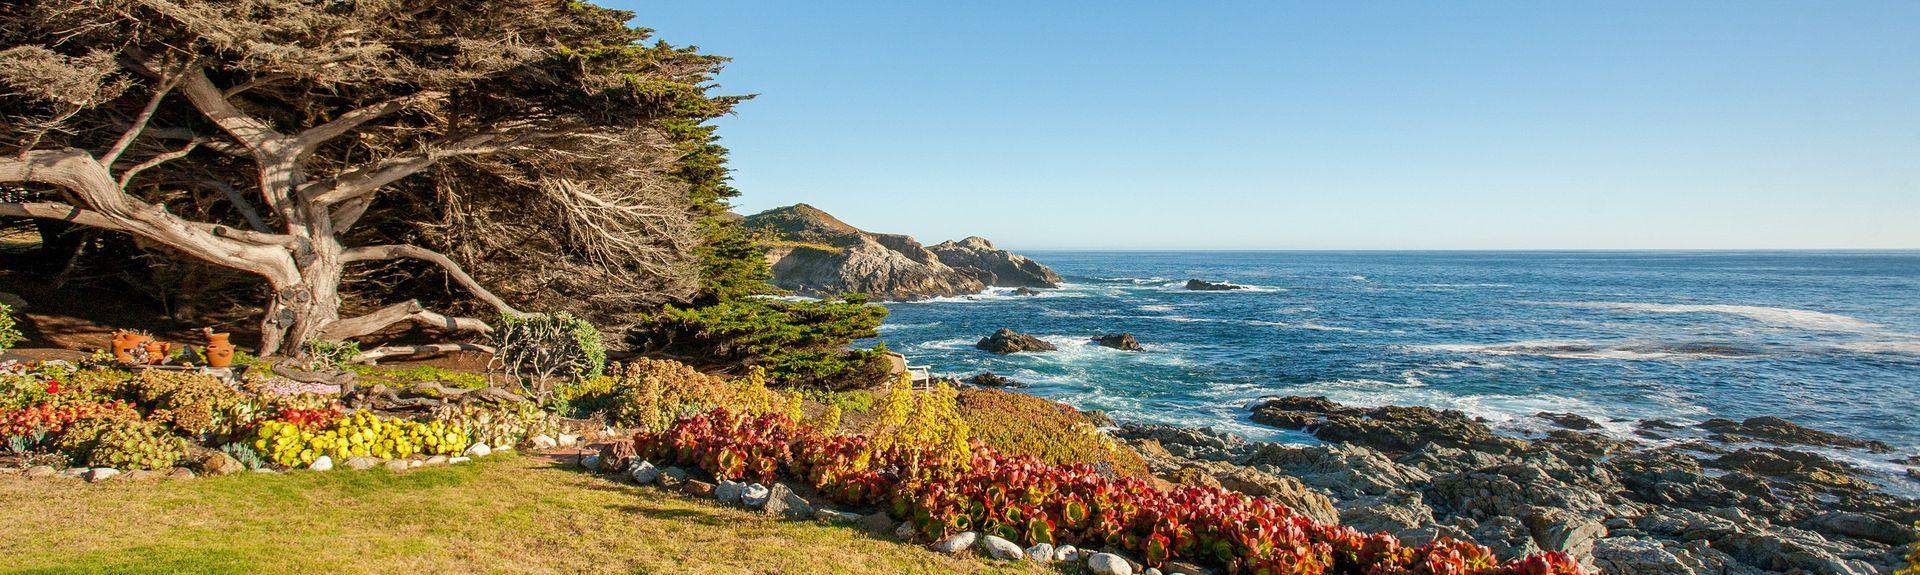 Del Monte Beach, Monterey, CA, USA